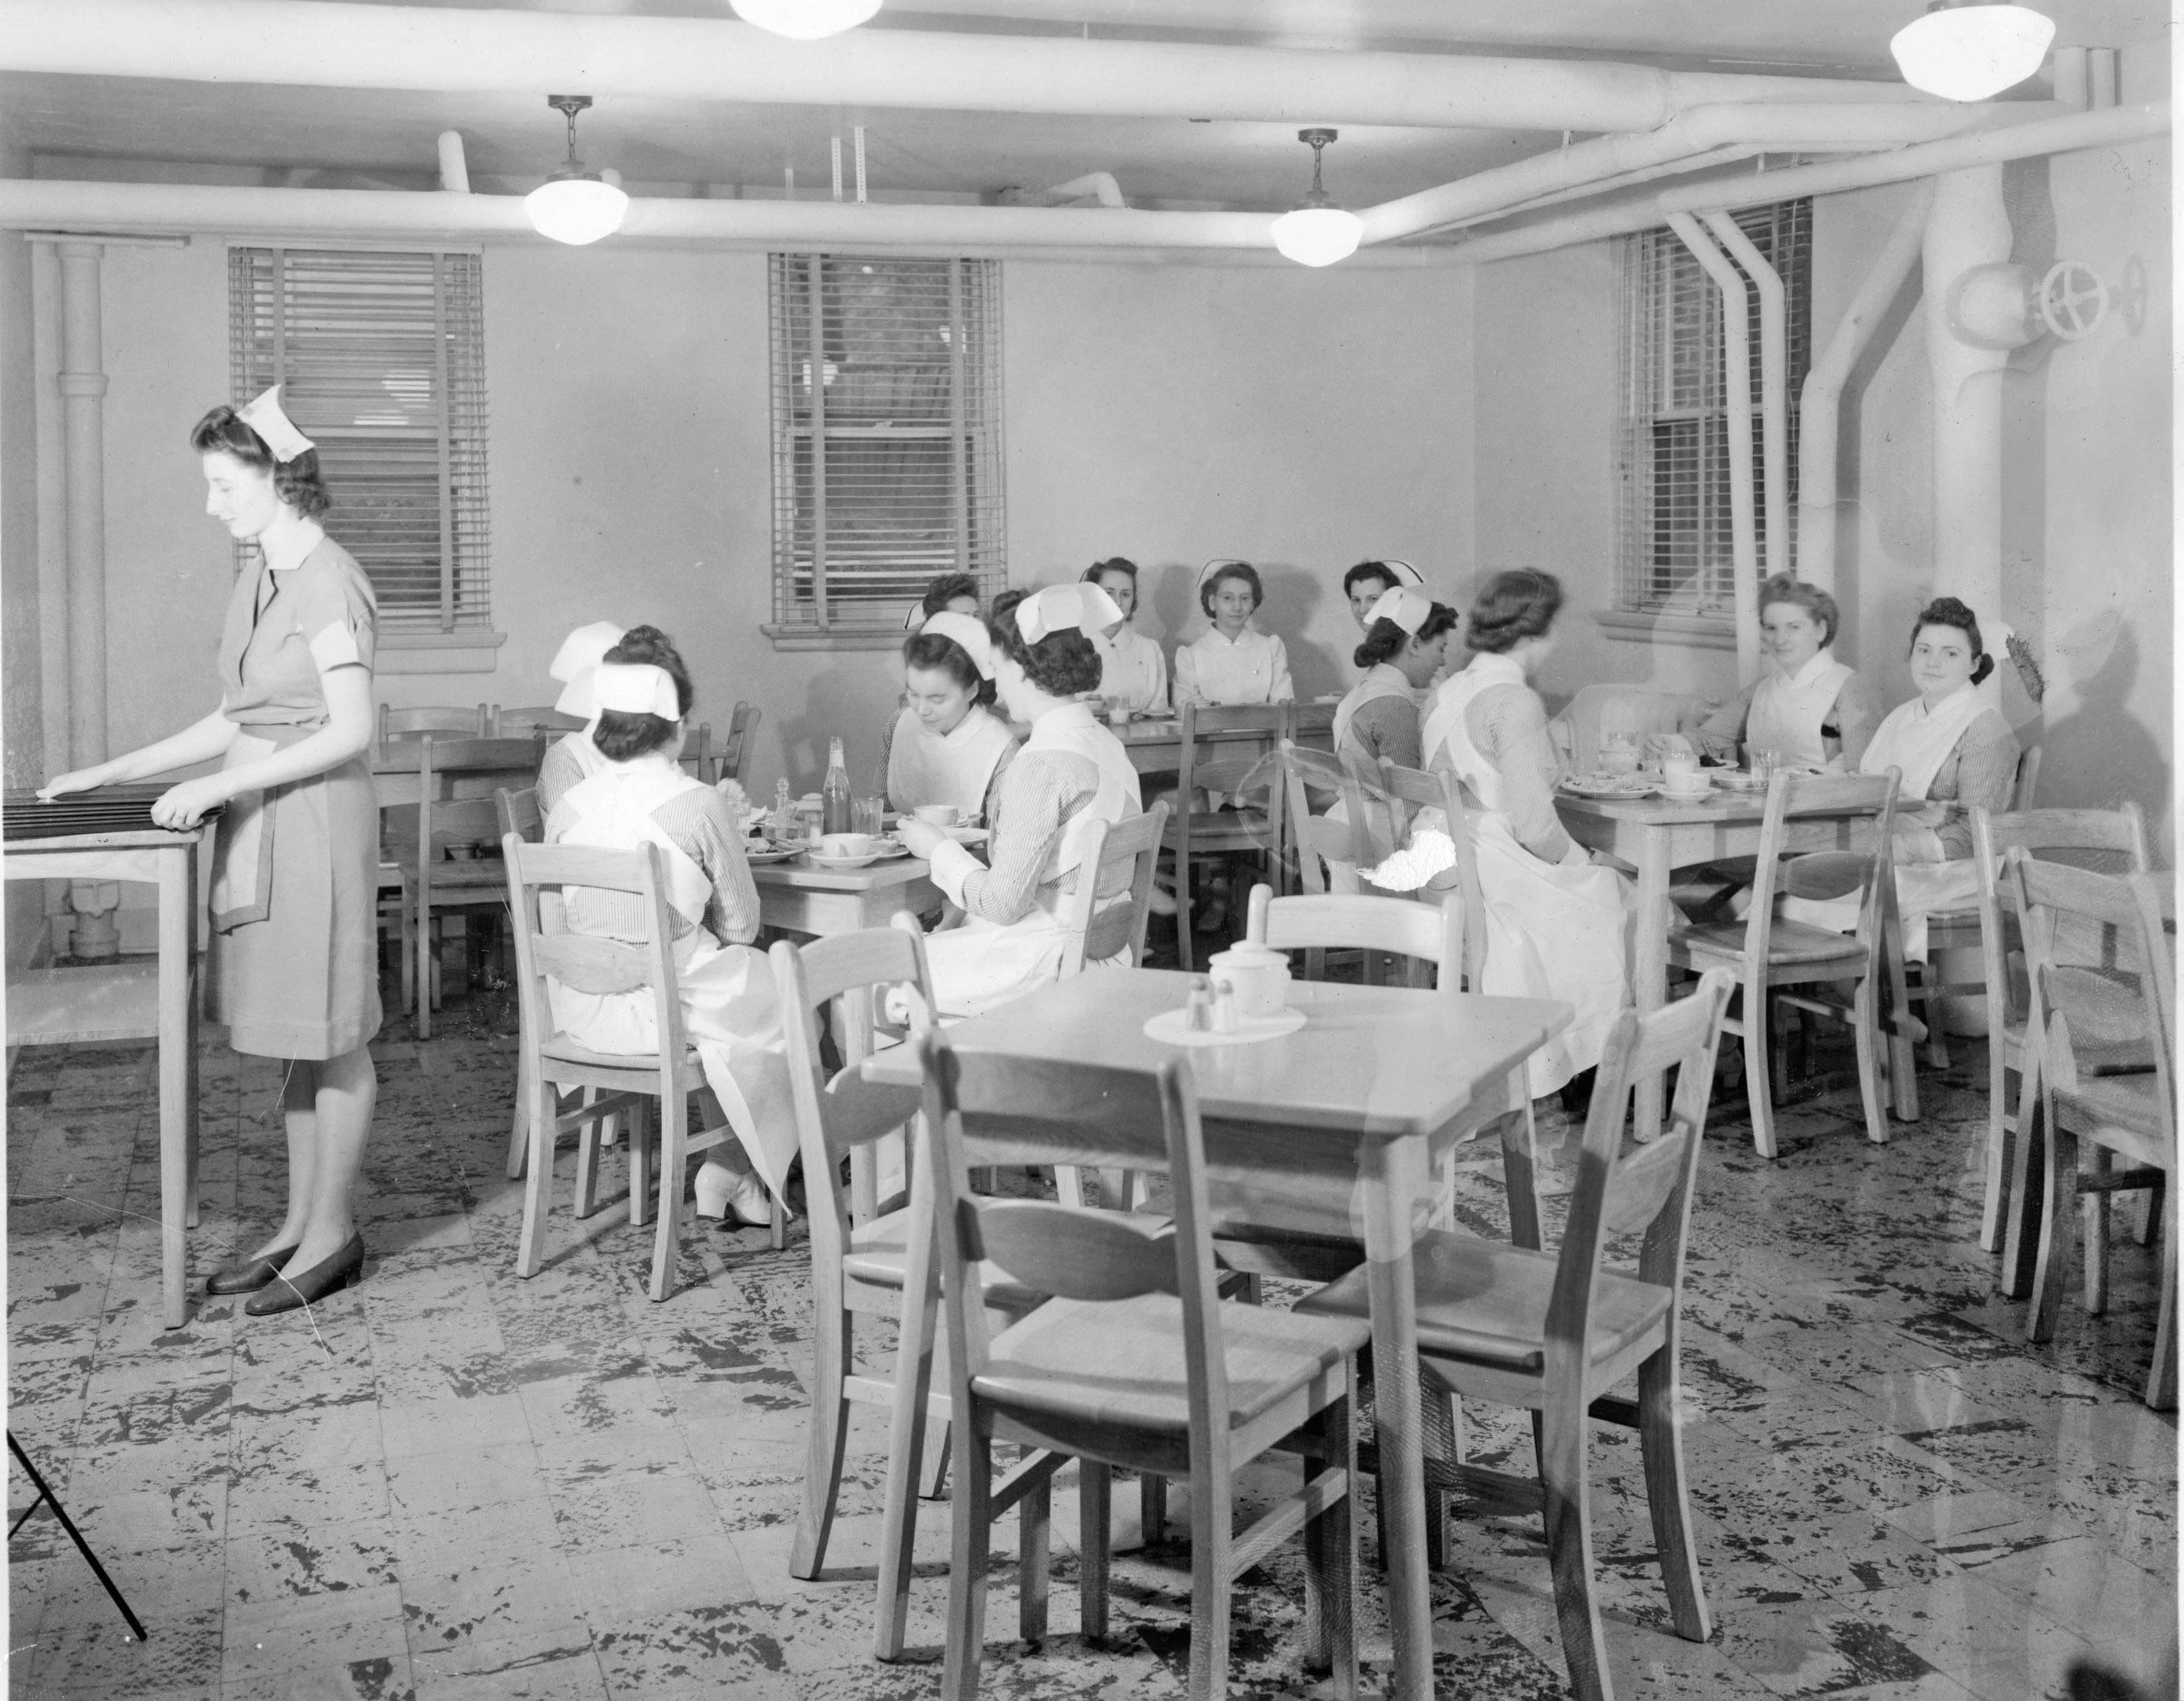 Nursing School Cafeteria, c. 1940